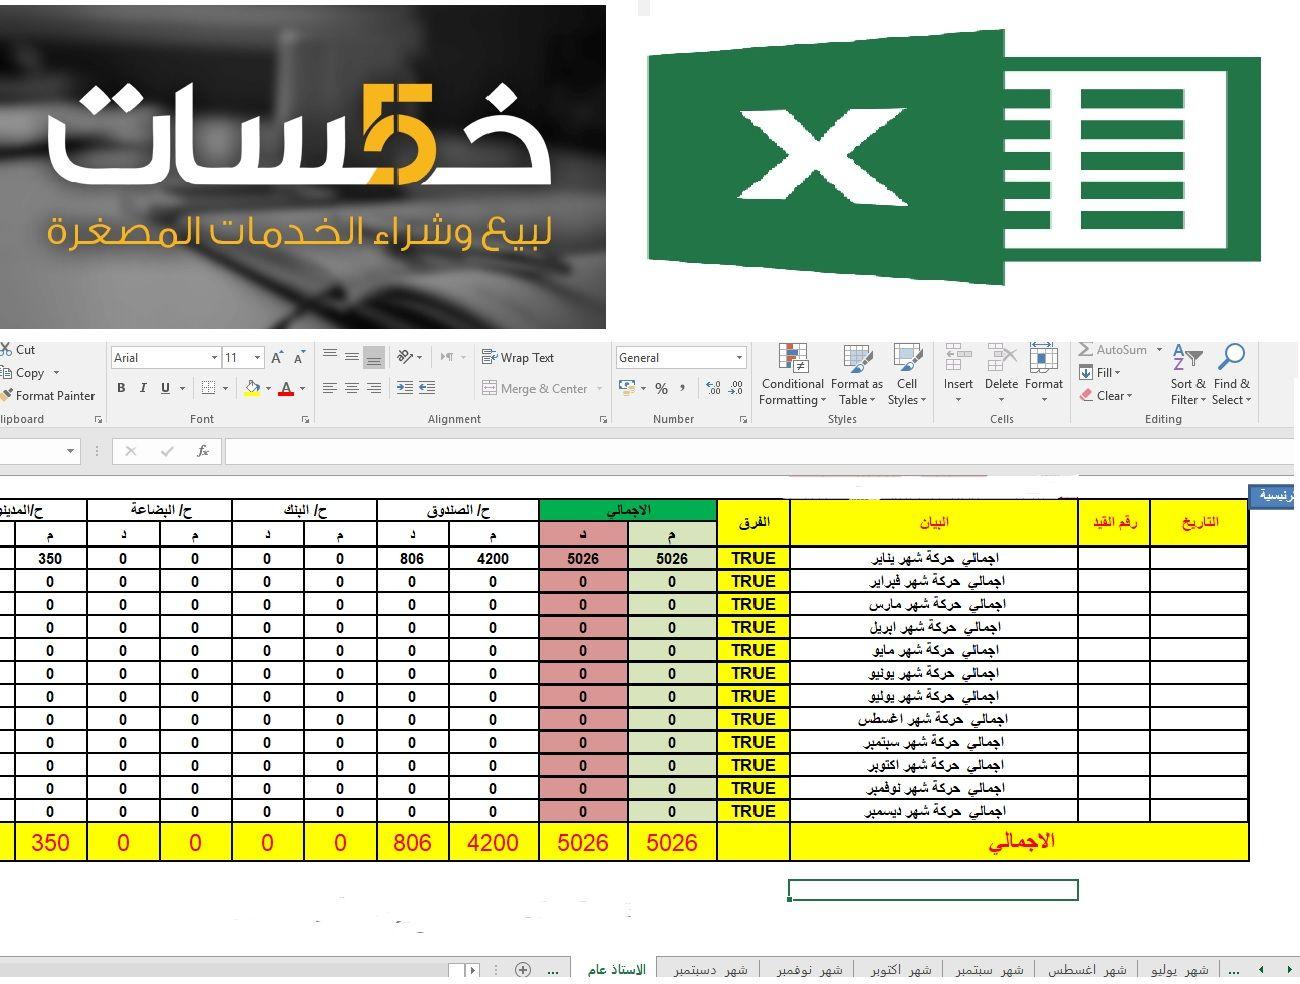 ادخال بيانات على الاكسل Table Style The Cell Alignment